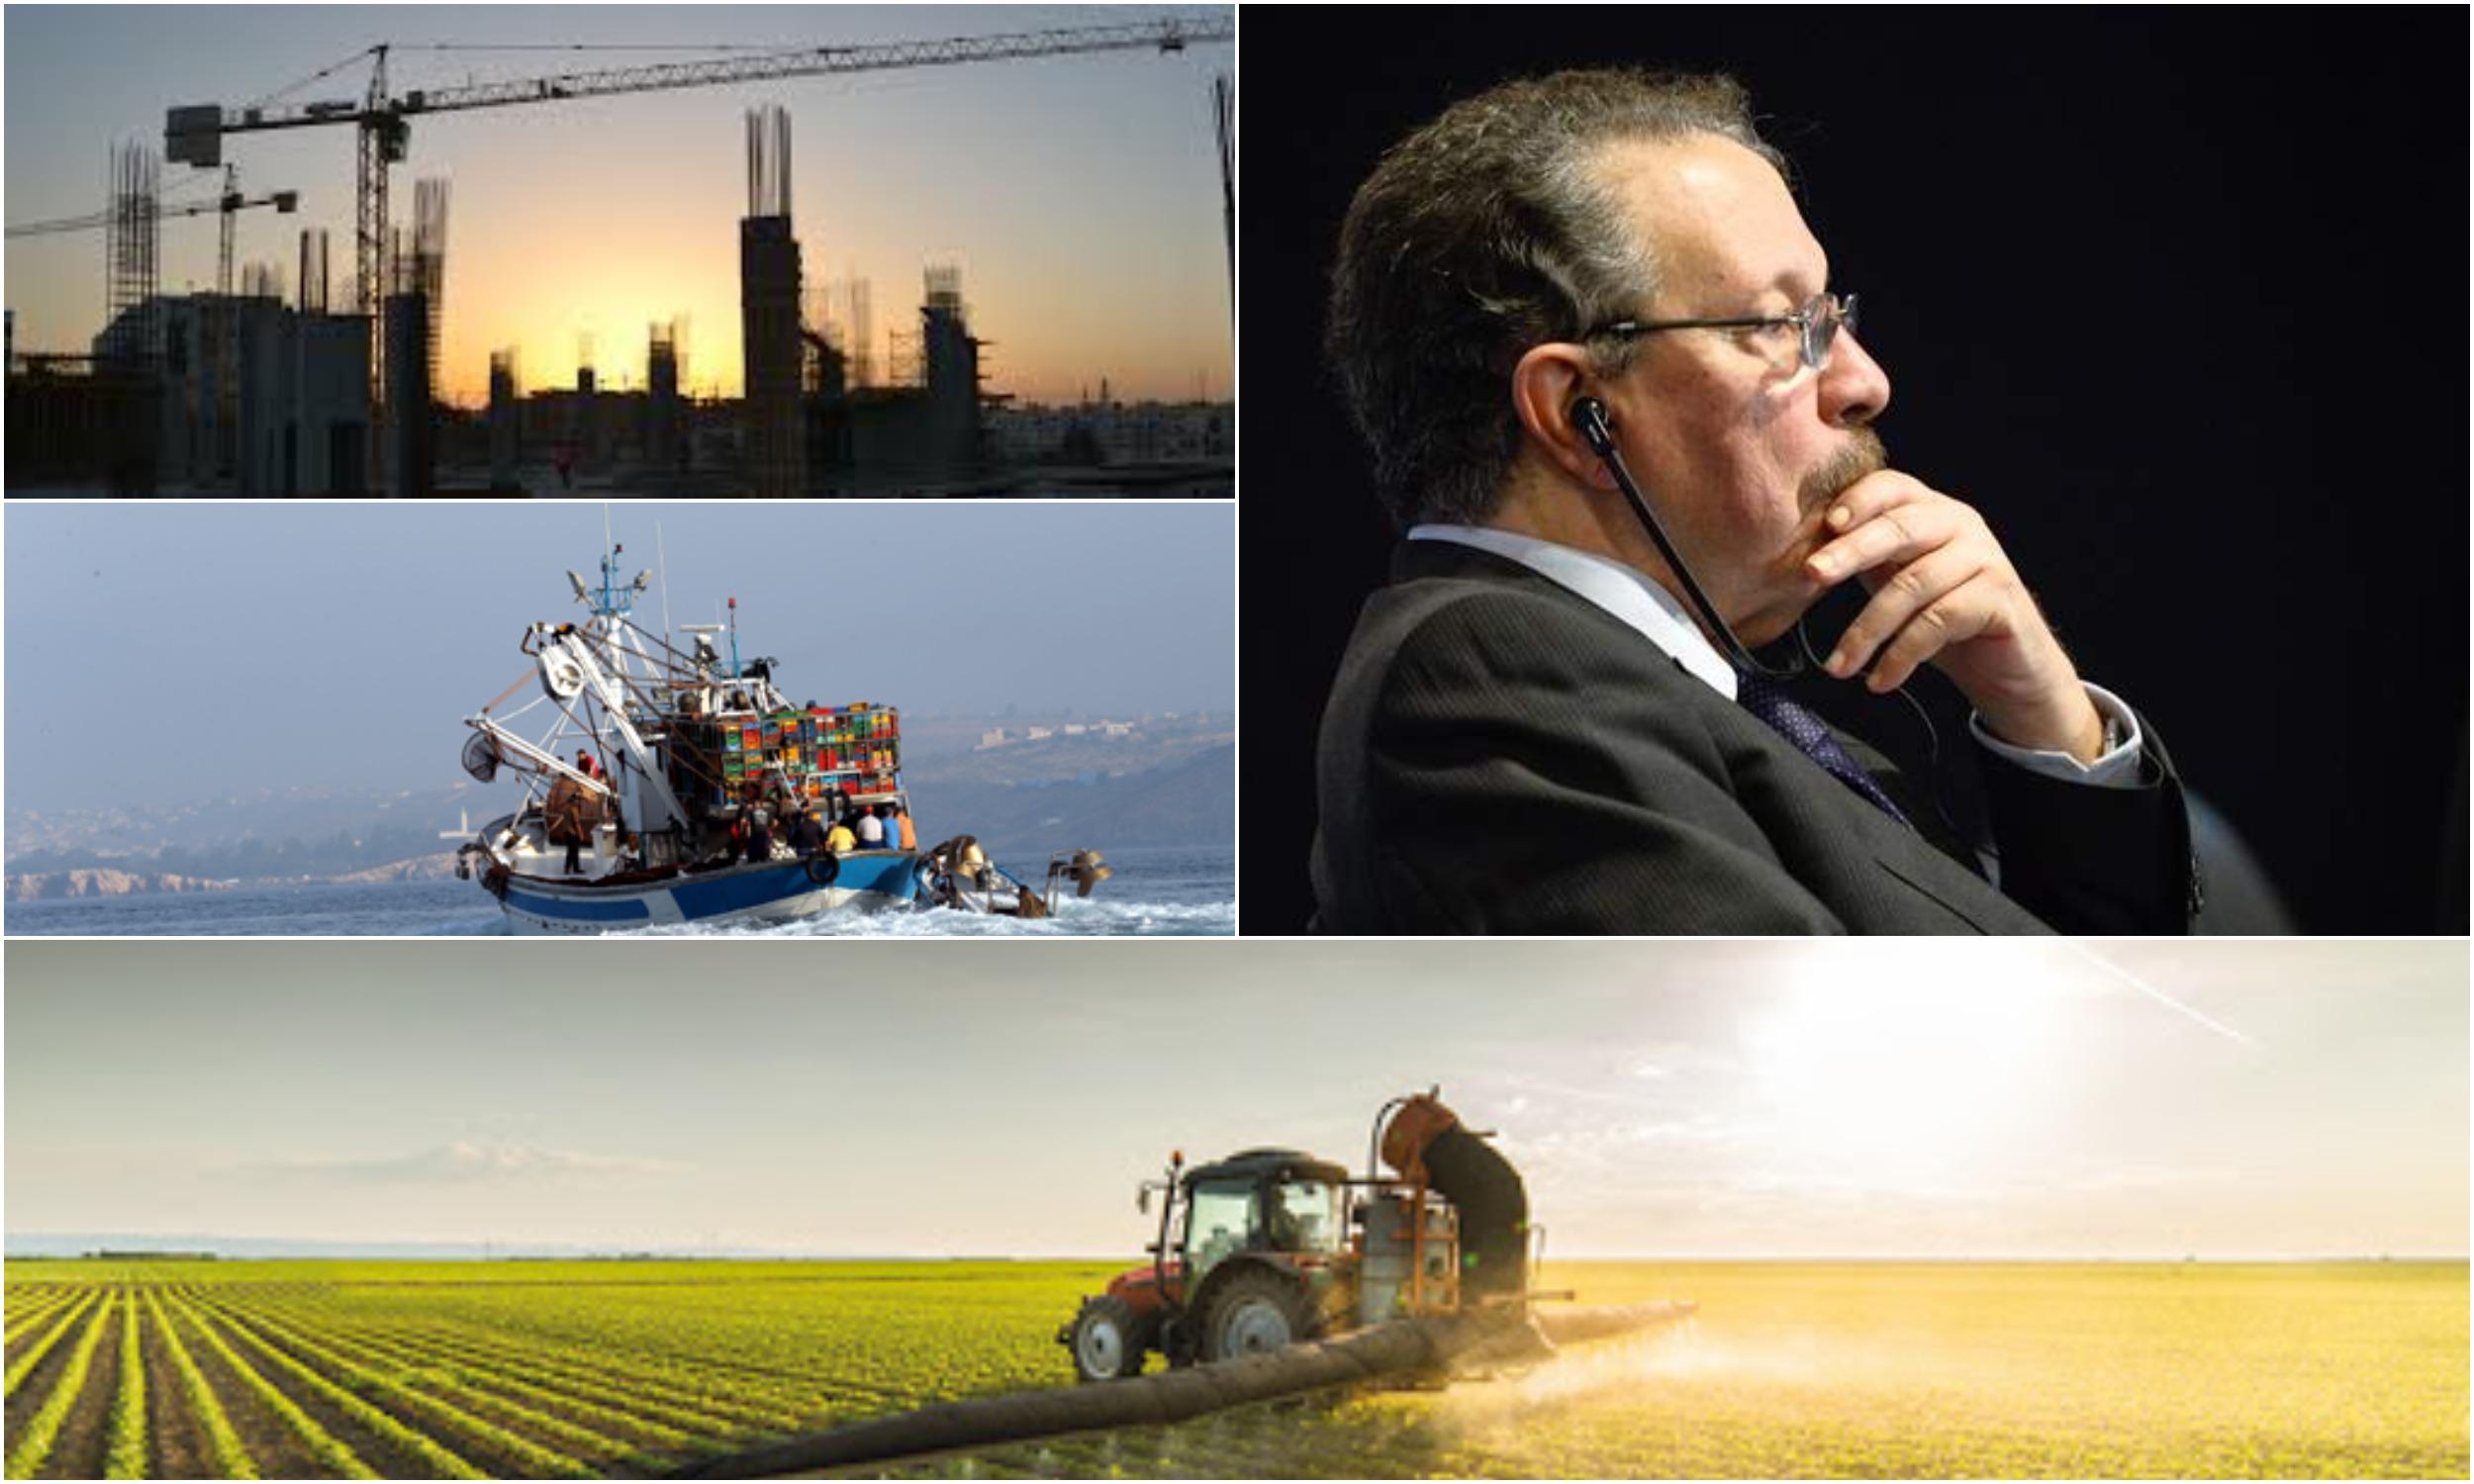 Avant la crise sanitaire, 135.000 emplois perdus dans le BTP, l'agriculture et la pêche